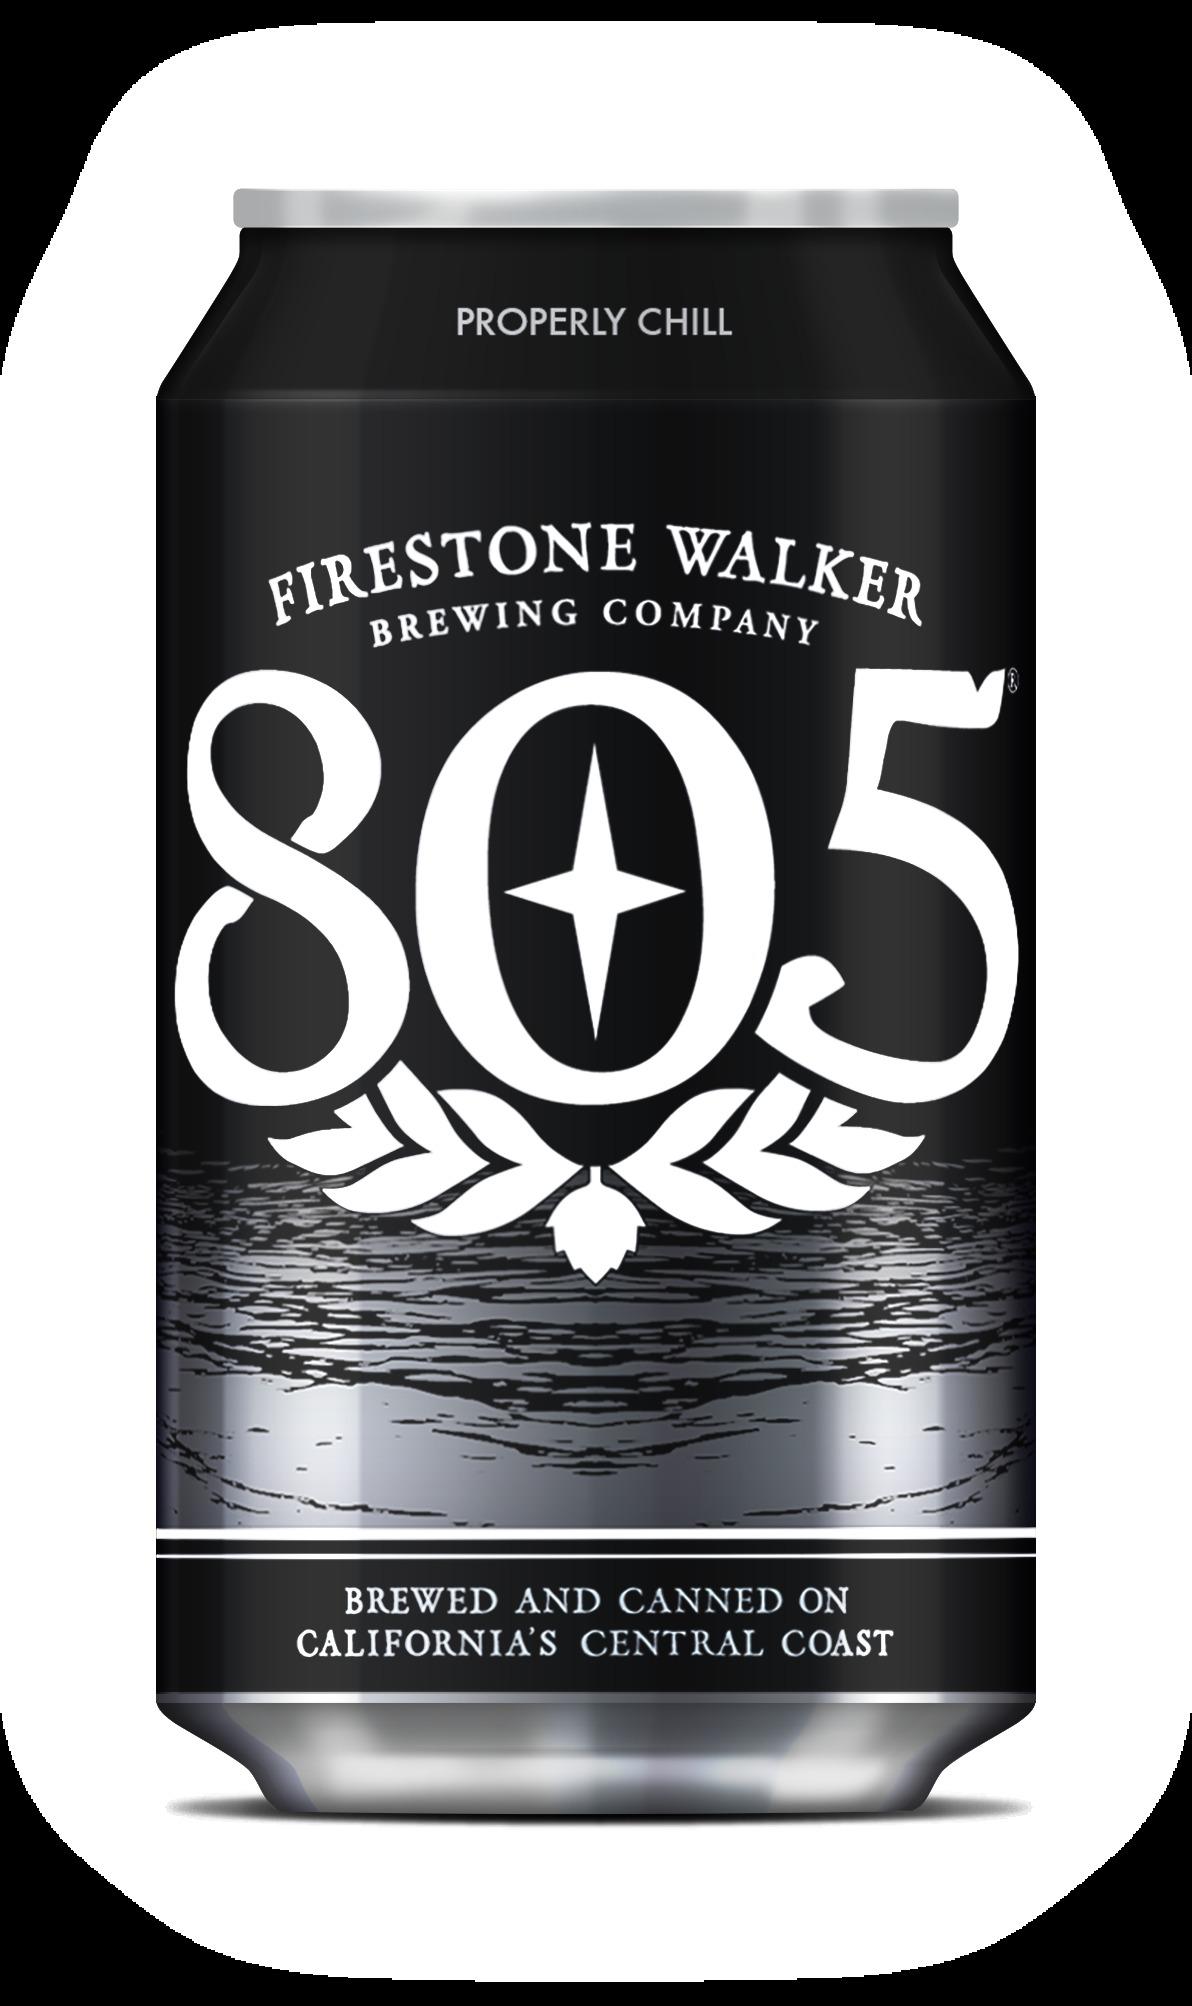 Firestone Walker Brings 805 Blonde Ale To Beer Tx